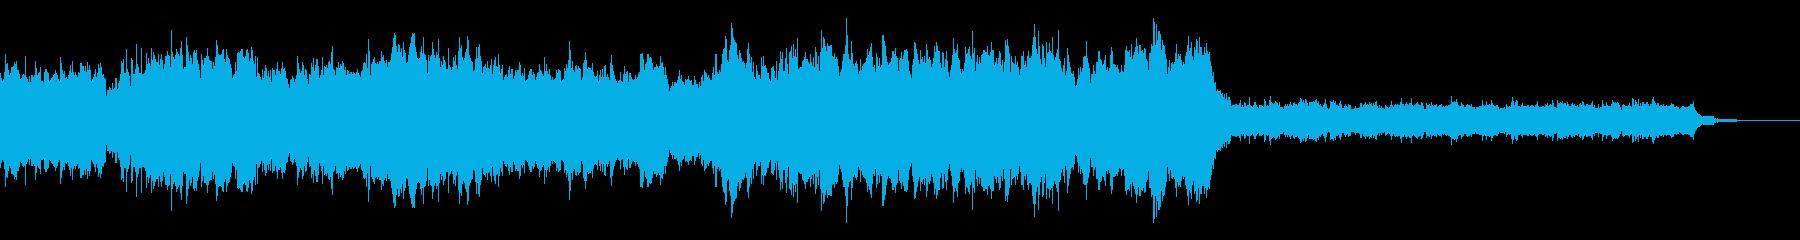 ショック!、ガーン…/ファンタジーの再生済みの波形